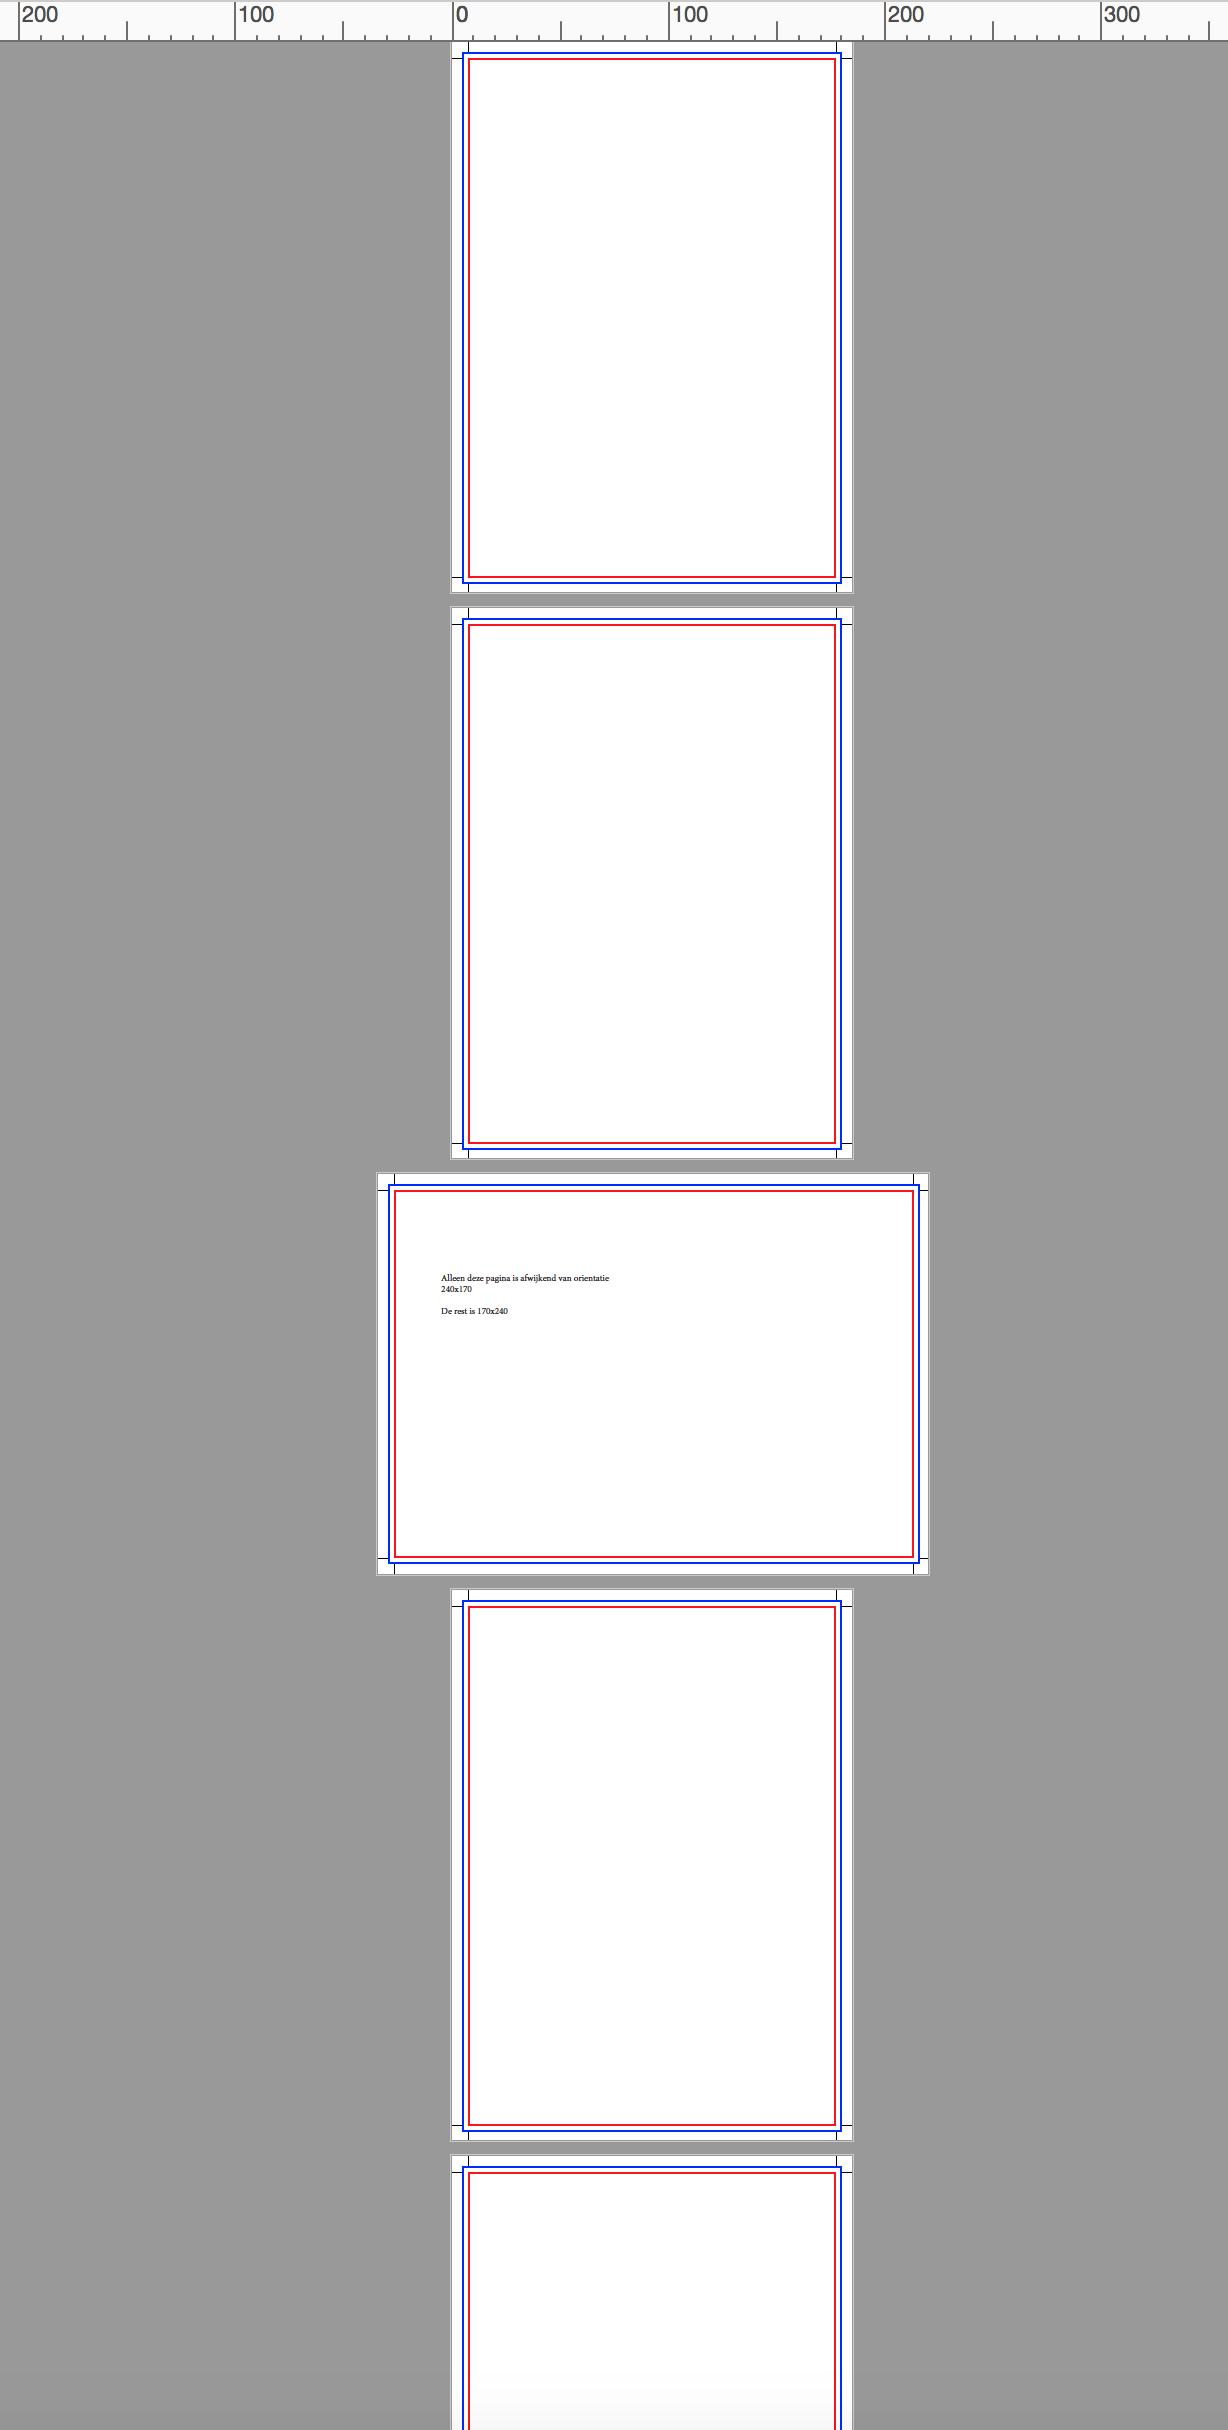 pagina formaat verschillend in PDF